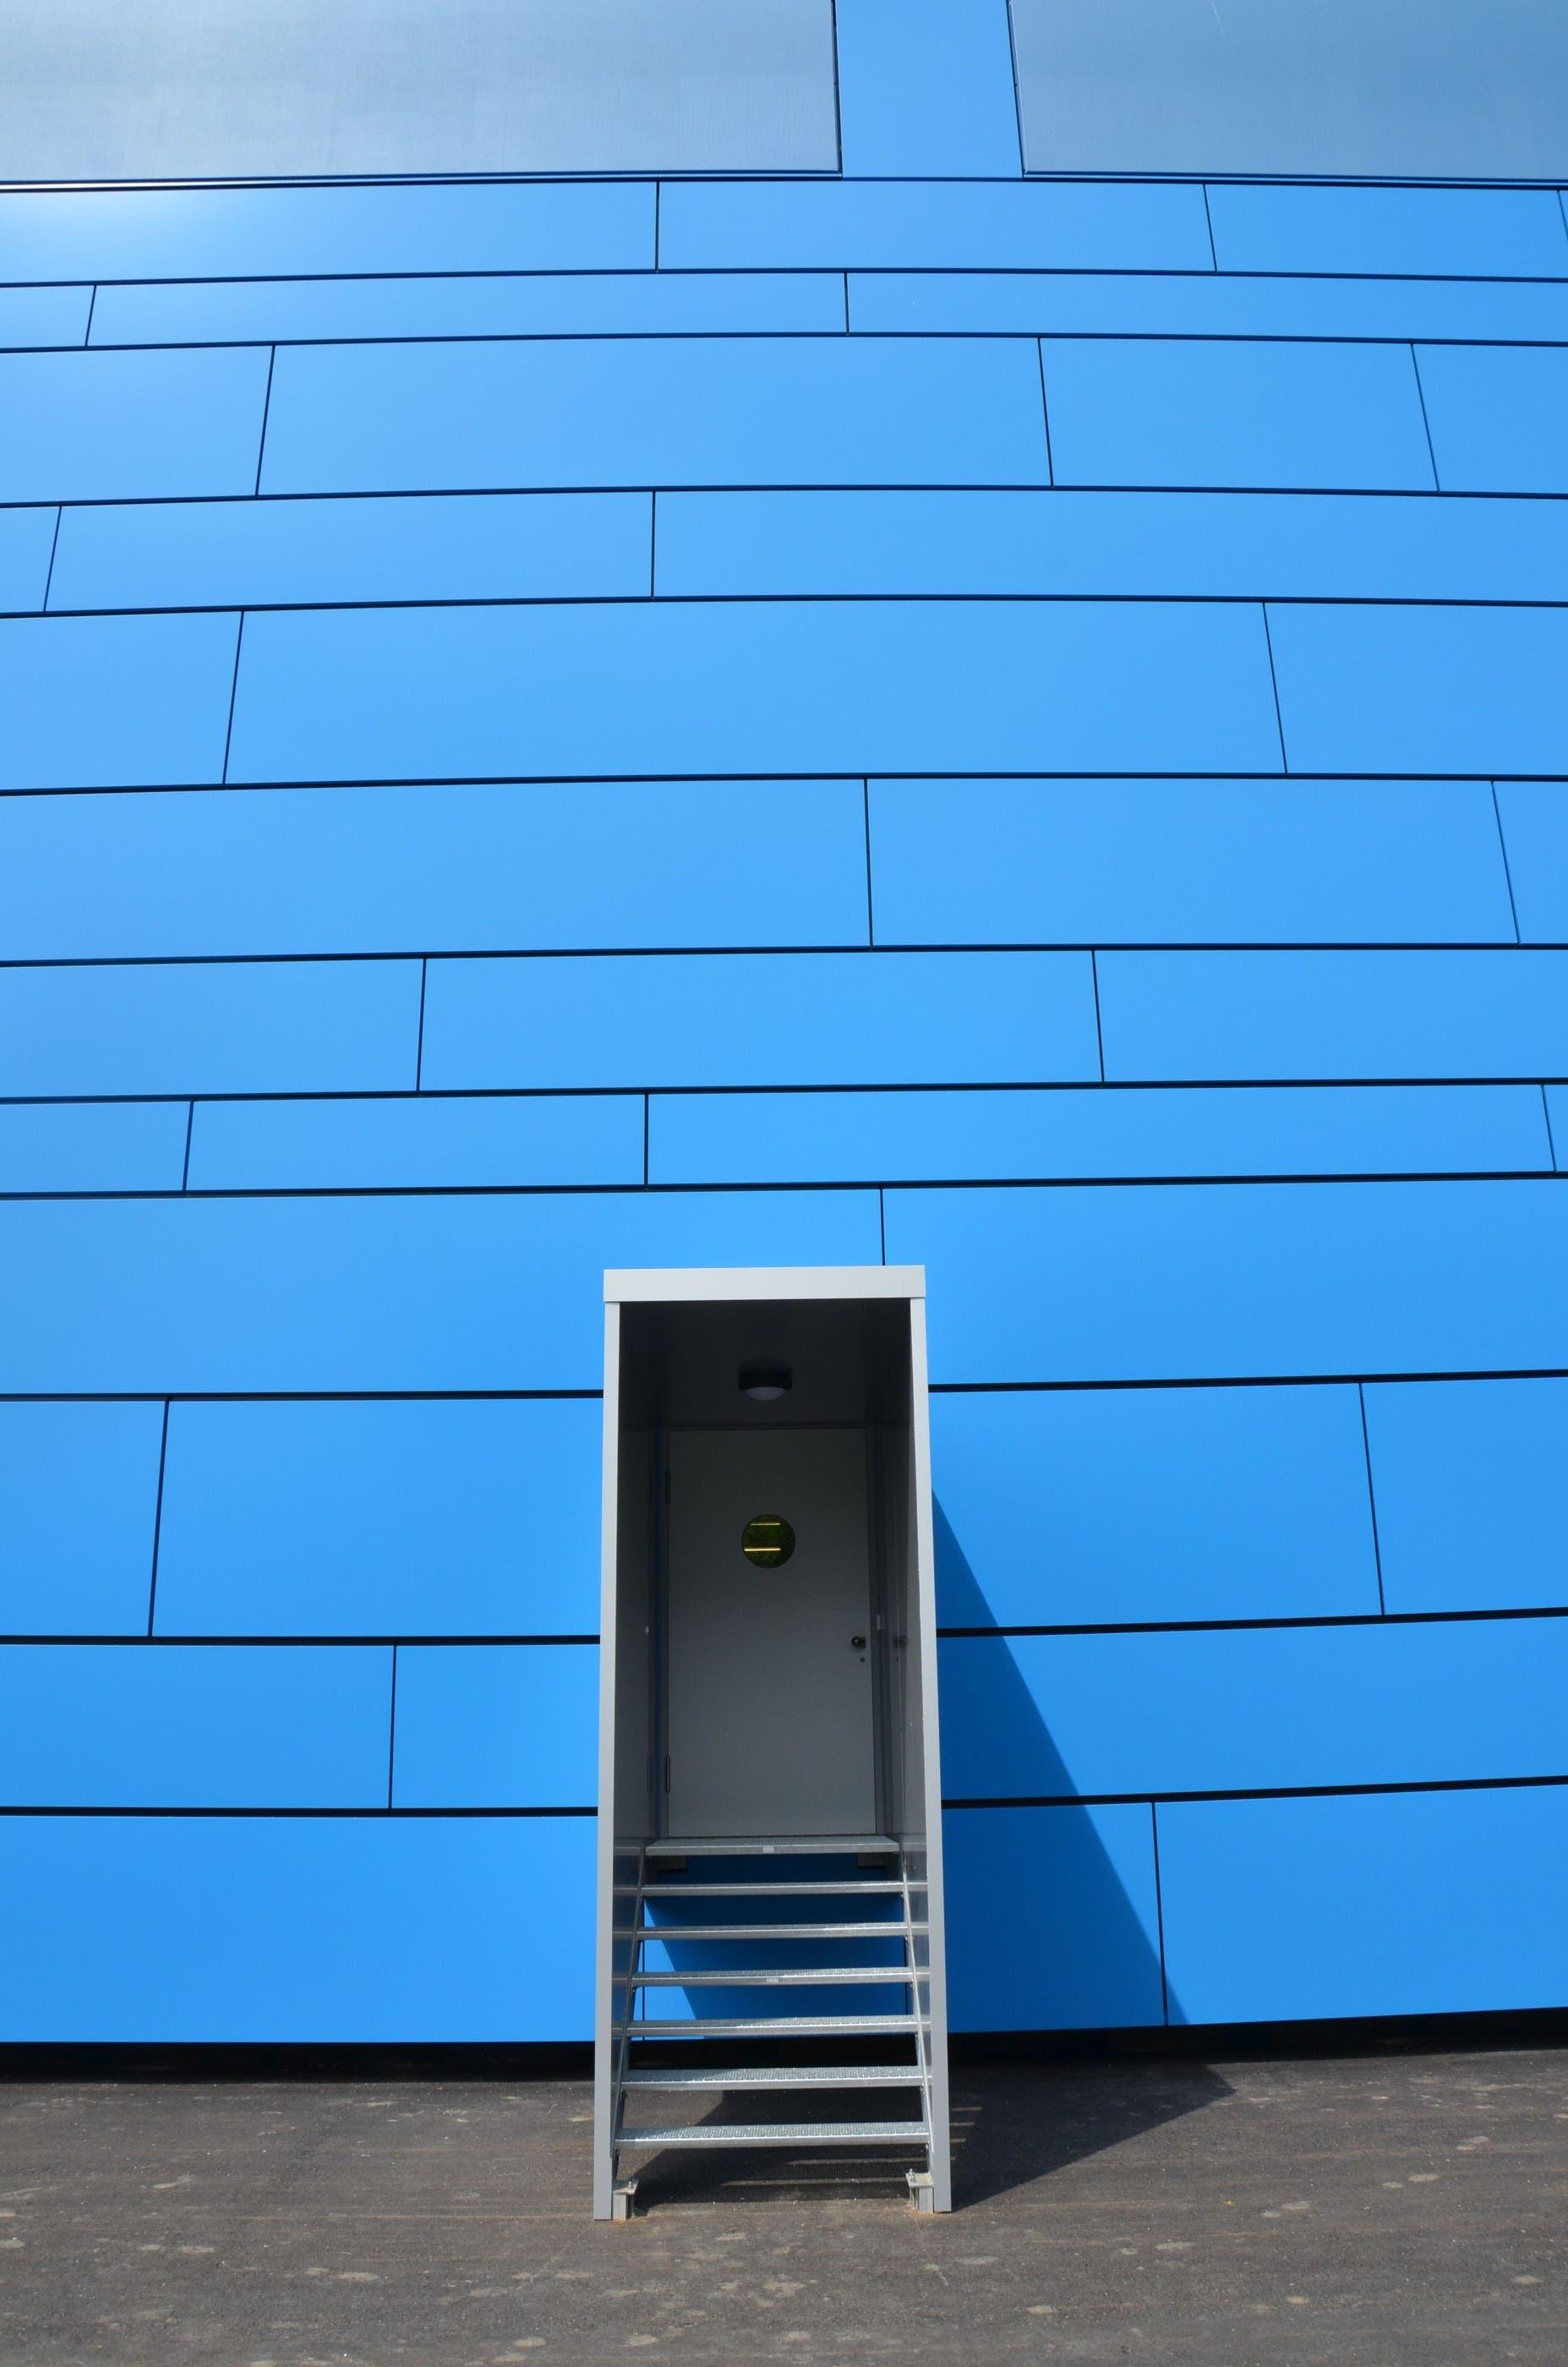 Lediglich die Notausgänge ragen aus der Fassade hervor.